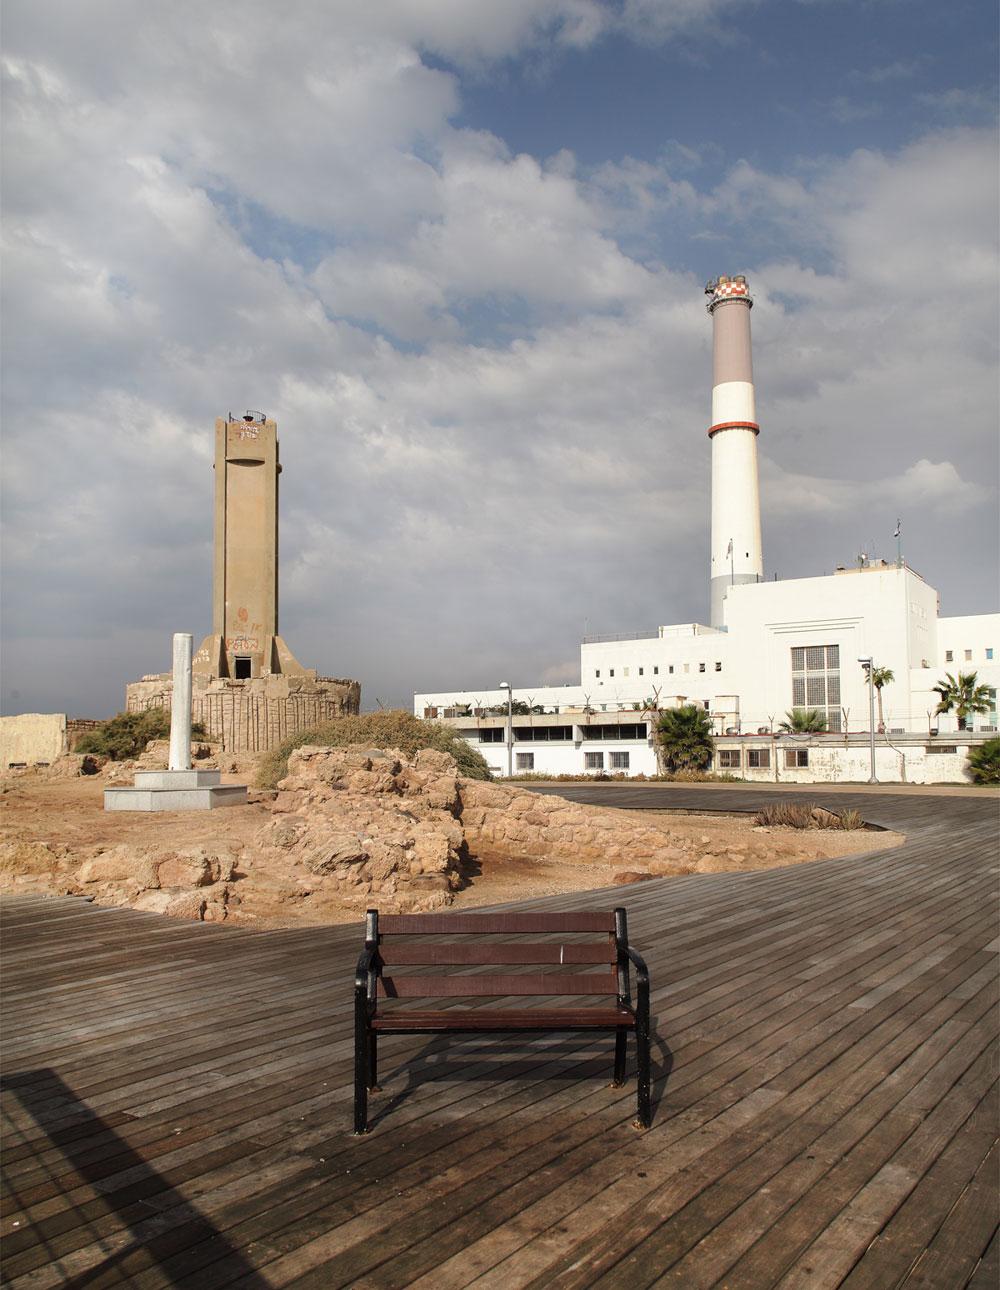 פארק רדינג (בתכנון ברוידא-מעוז) האריך את הטיילת של תל אביב-יפו צפונה, והאיר ''חור שחור'' שאף אחד לא ידע על קיומו. הציבור מצביע ברגליים (צילום: אמית הרמן )